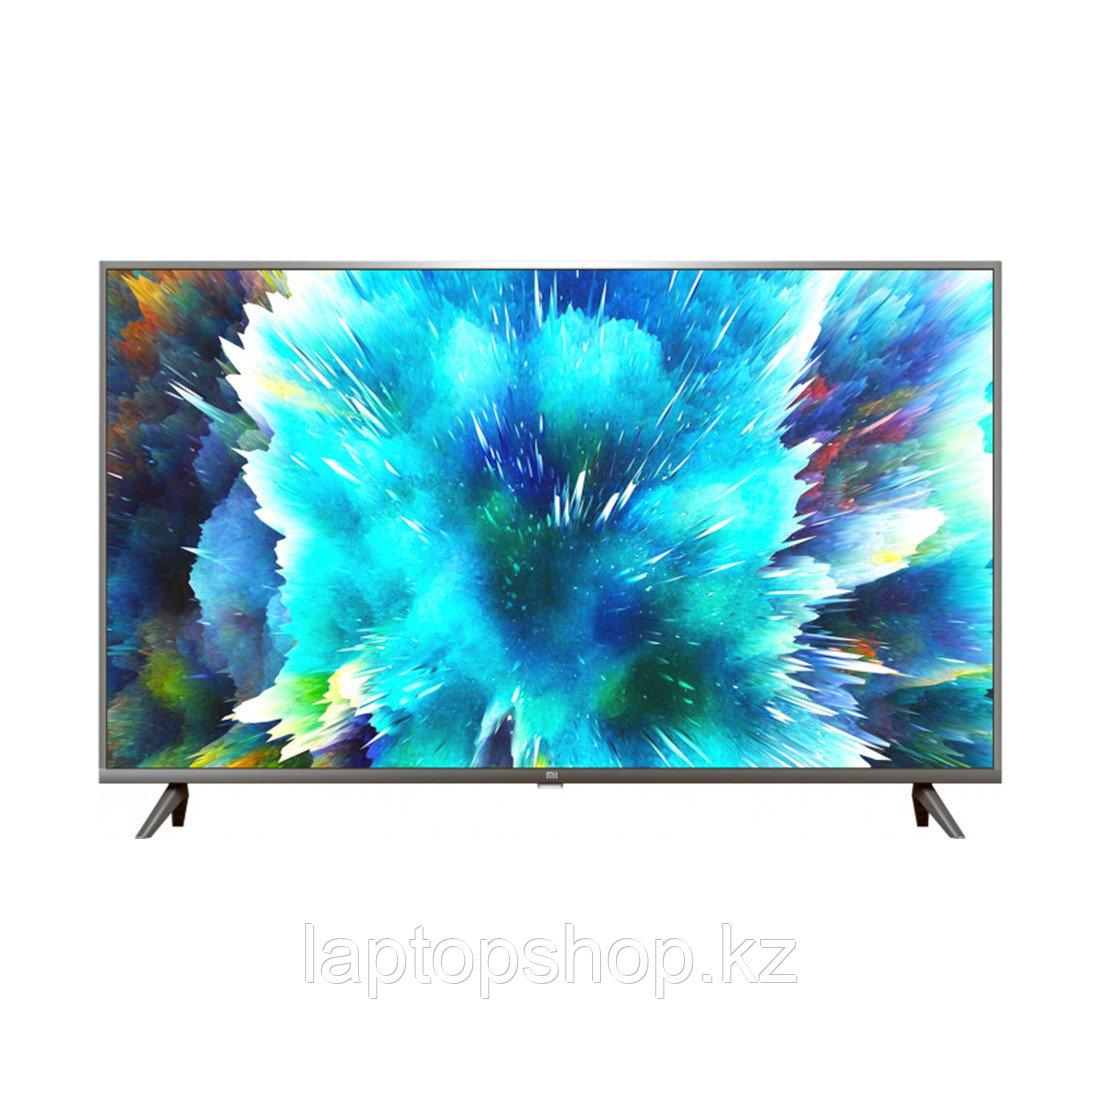 Смарт телевизор, Xiaomi, MI LED TV, 4S, 43, Global, L43M5-5ARU